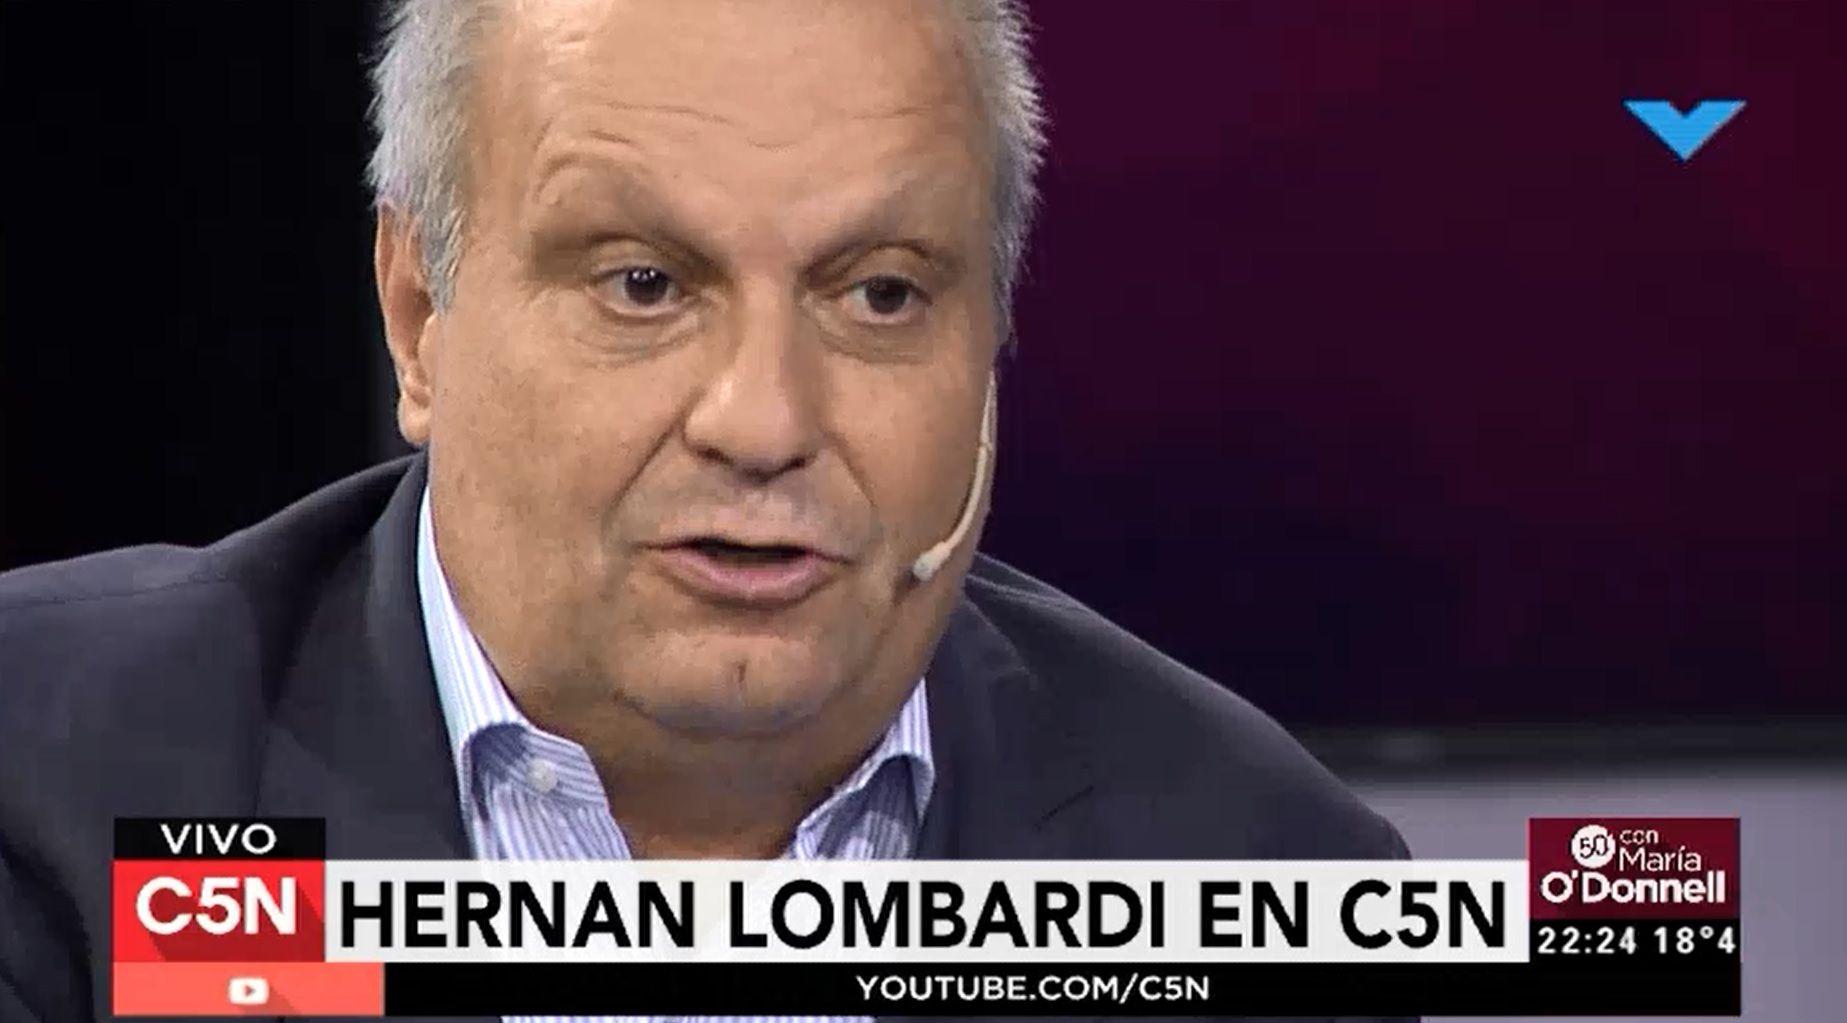 Lombardi en C5N: La palabra relato está desvirtuada y ha perdido valor